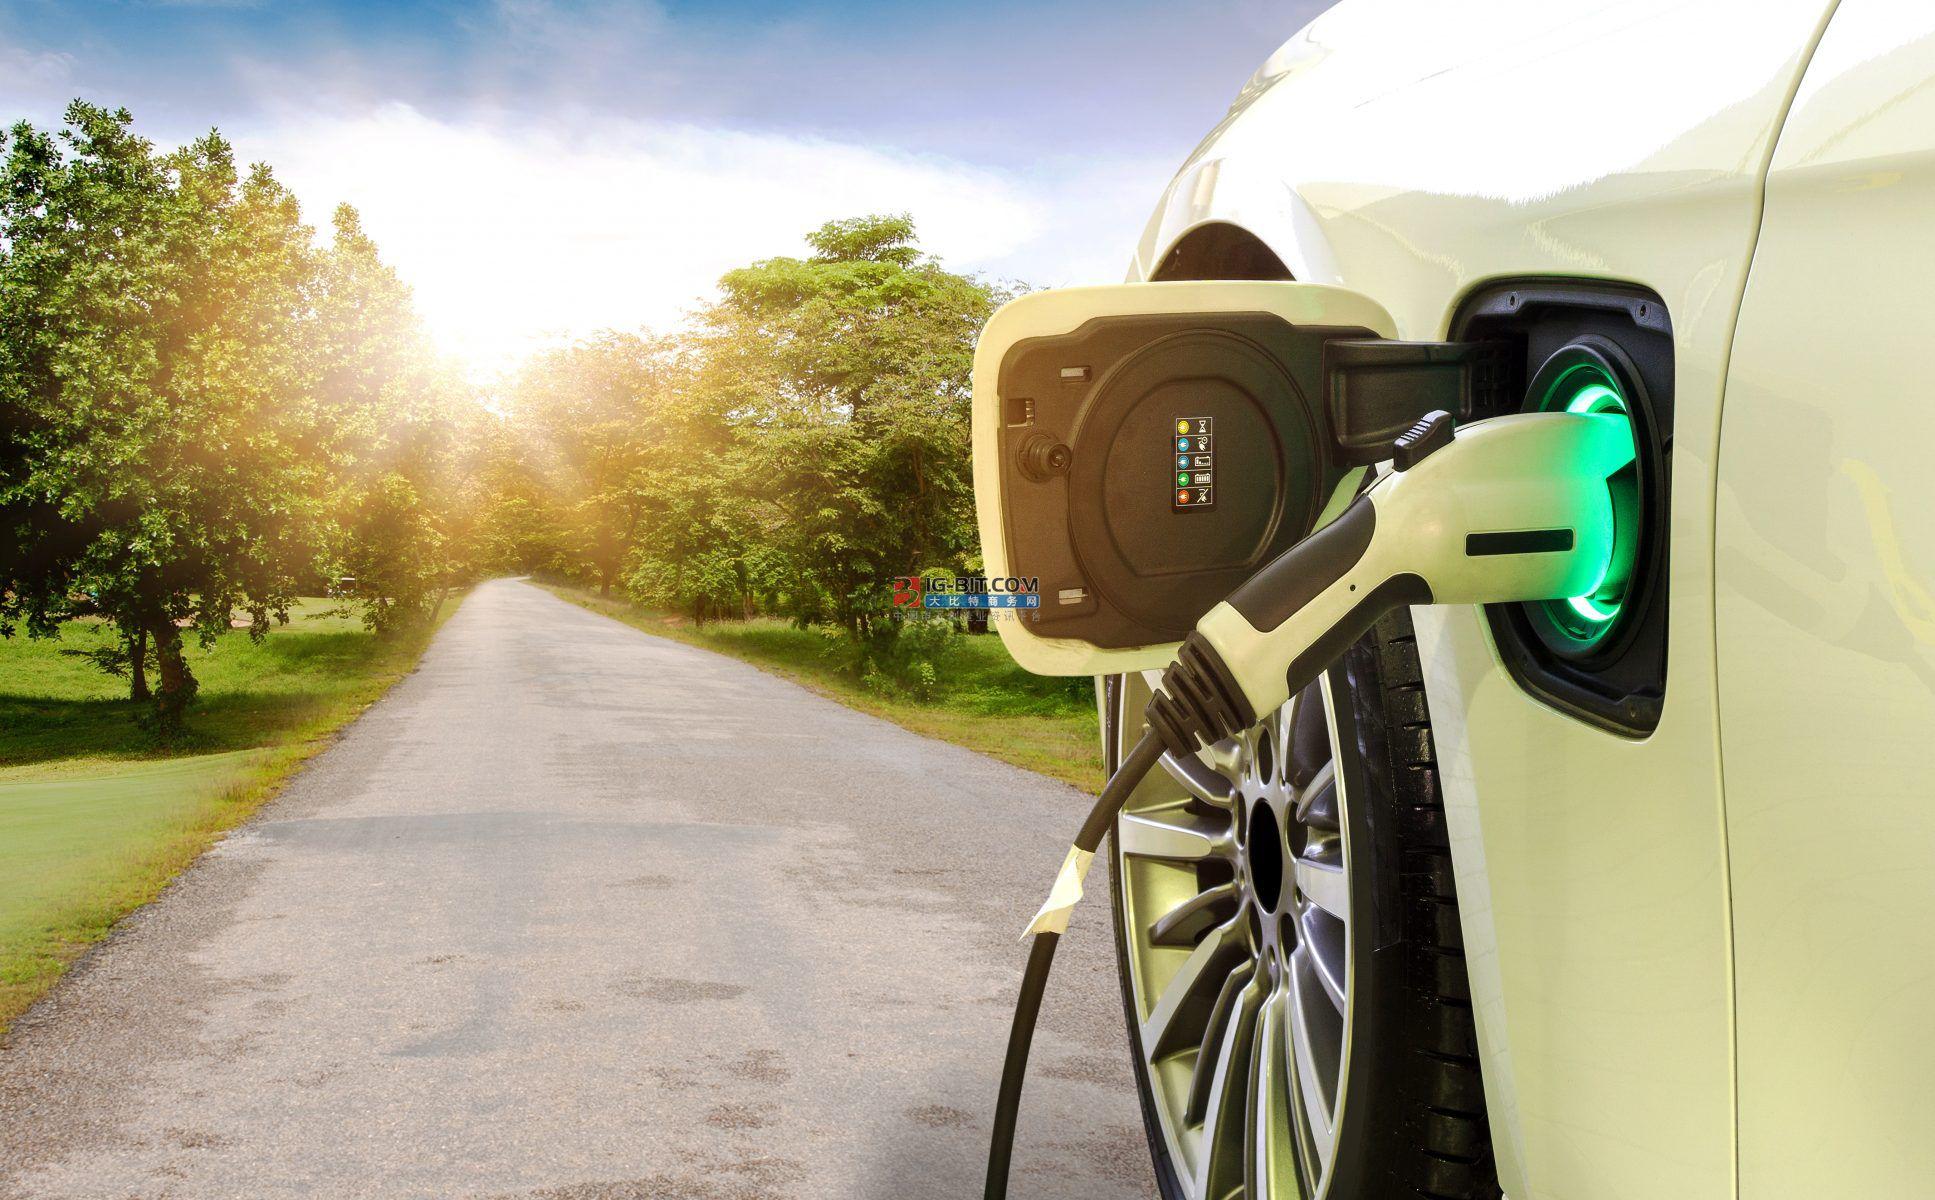 彭博社:美國計劃深度調整電動車產業鏈 預計投入1410億美元